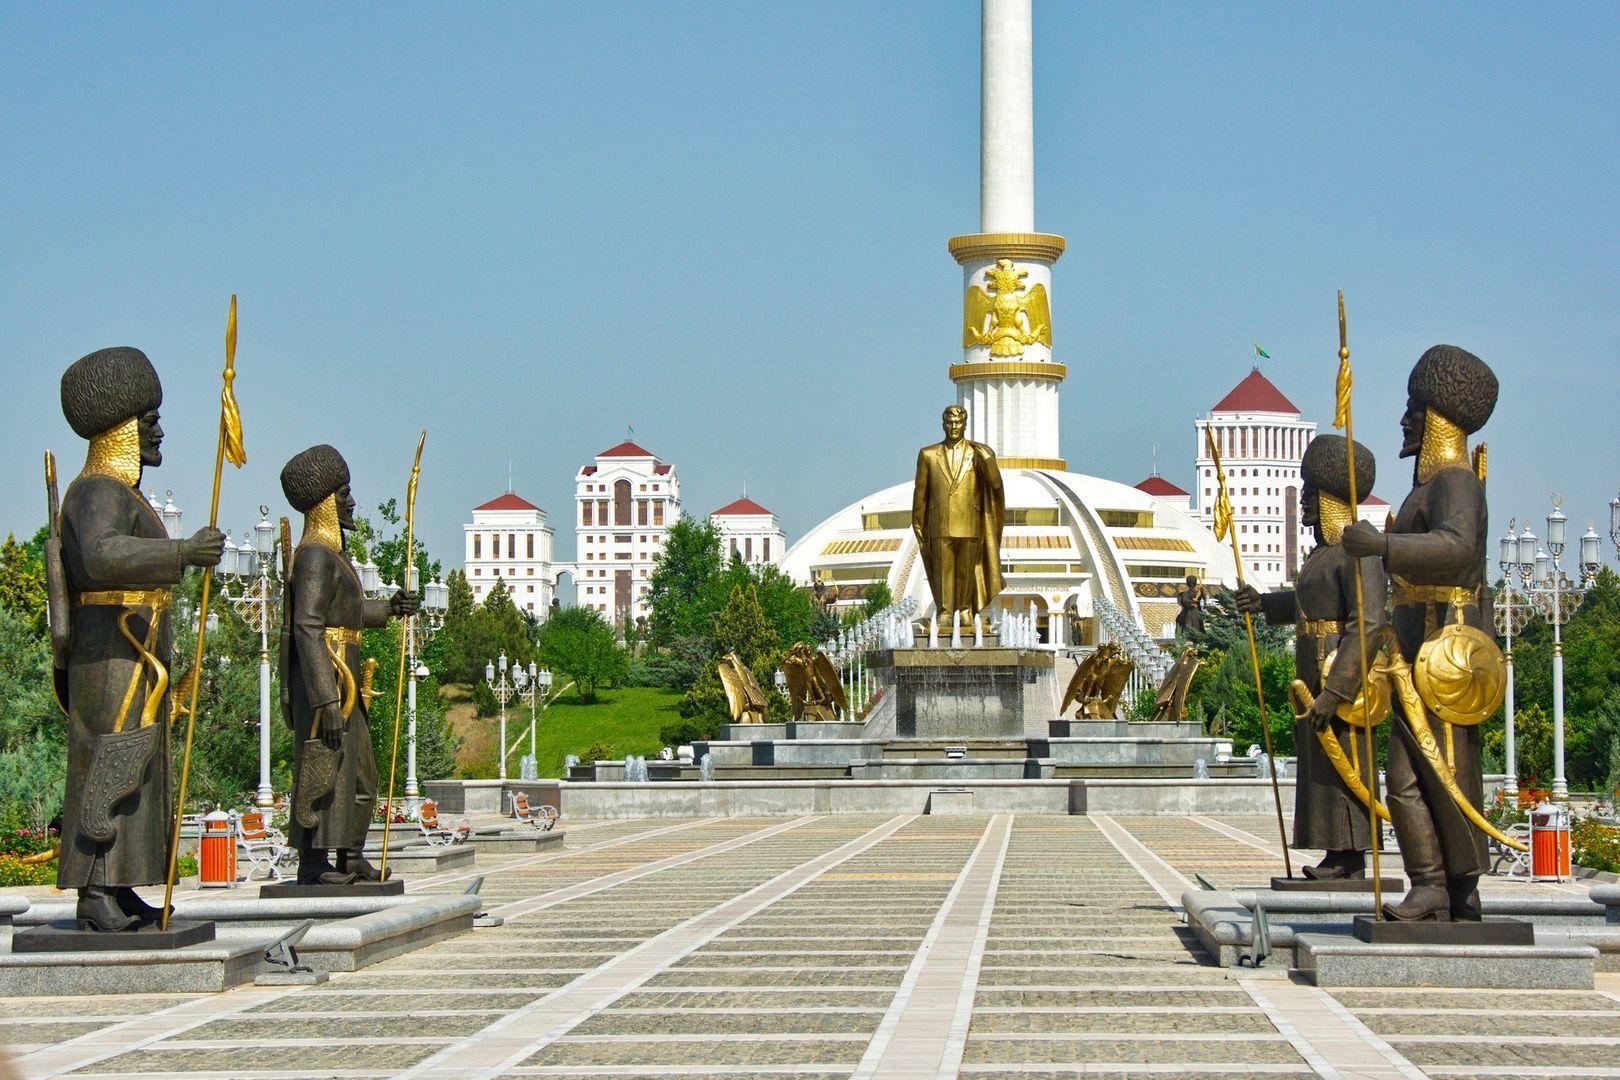 turkmenistan - photo #15